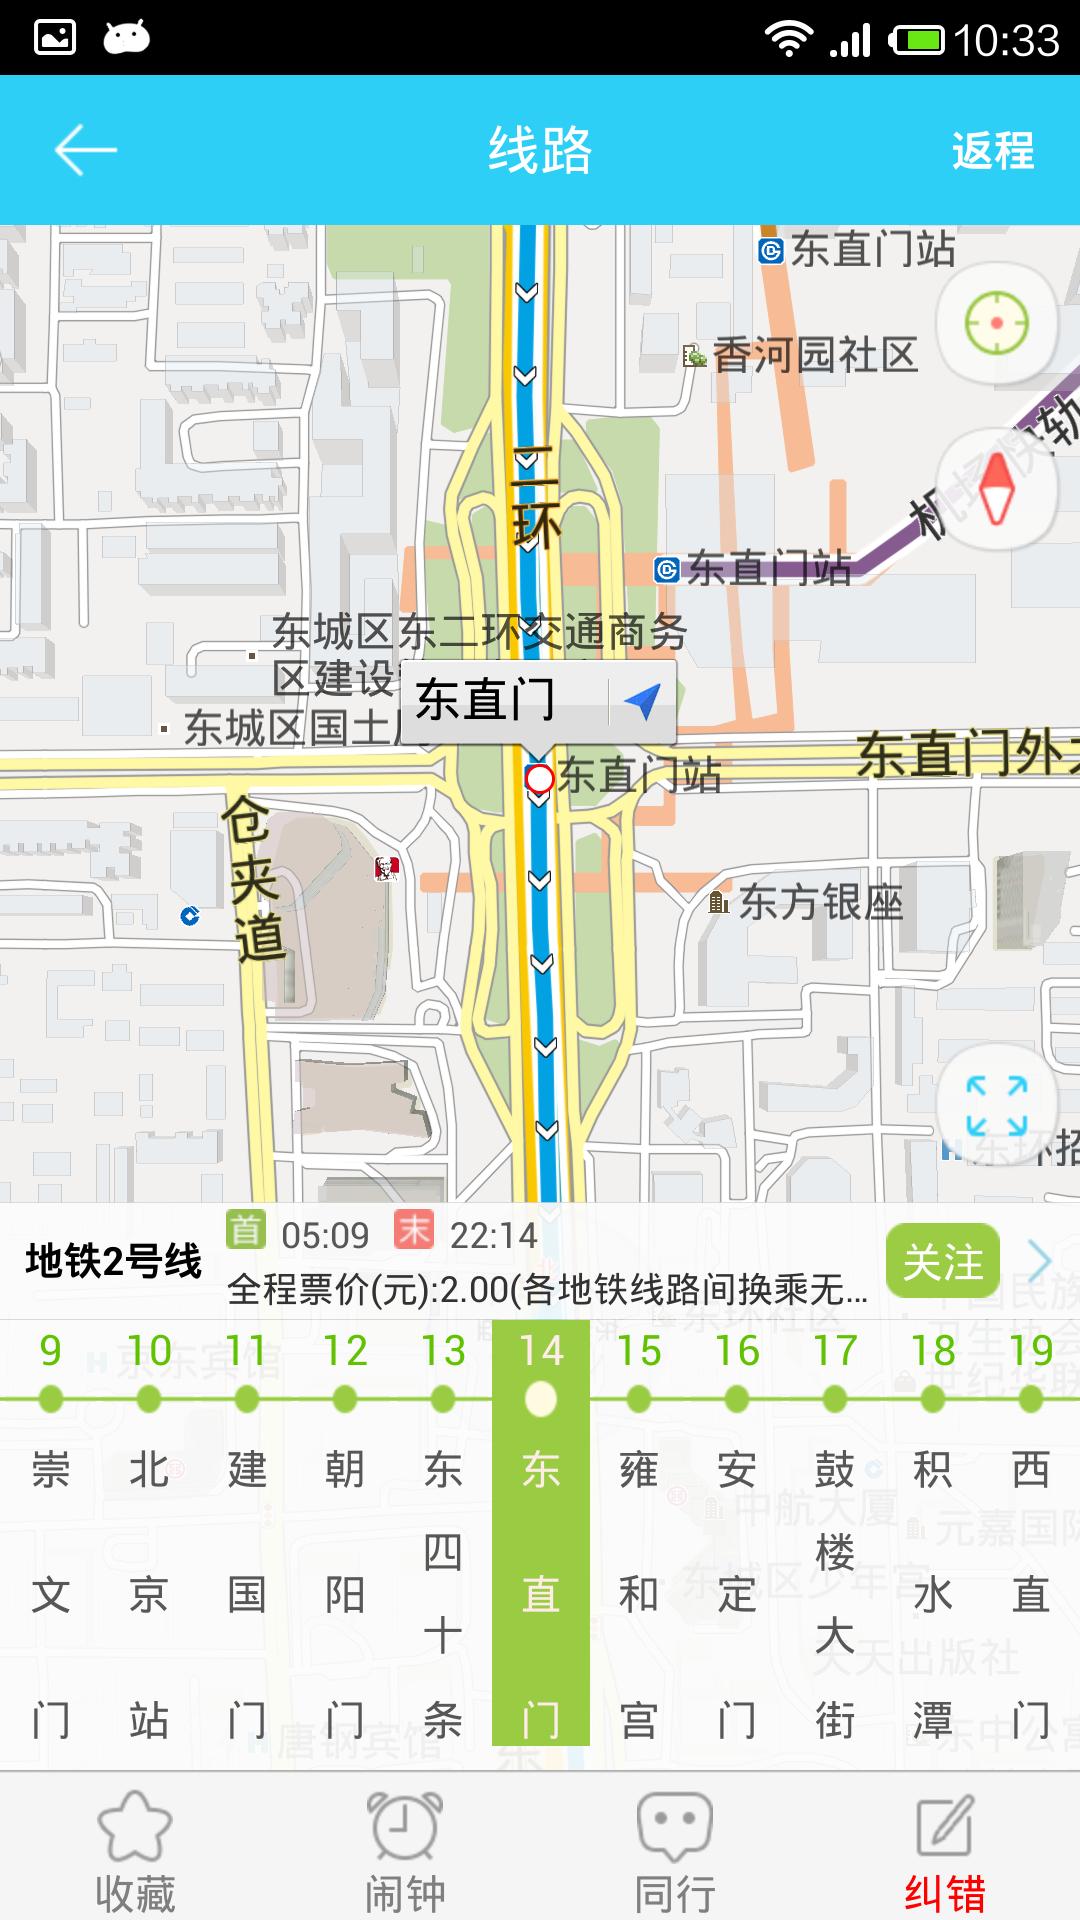 《 彩虹公交-公交地铁地图查询 》截图欣赏